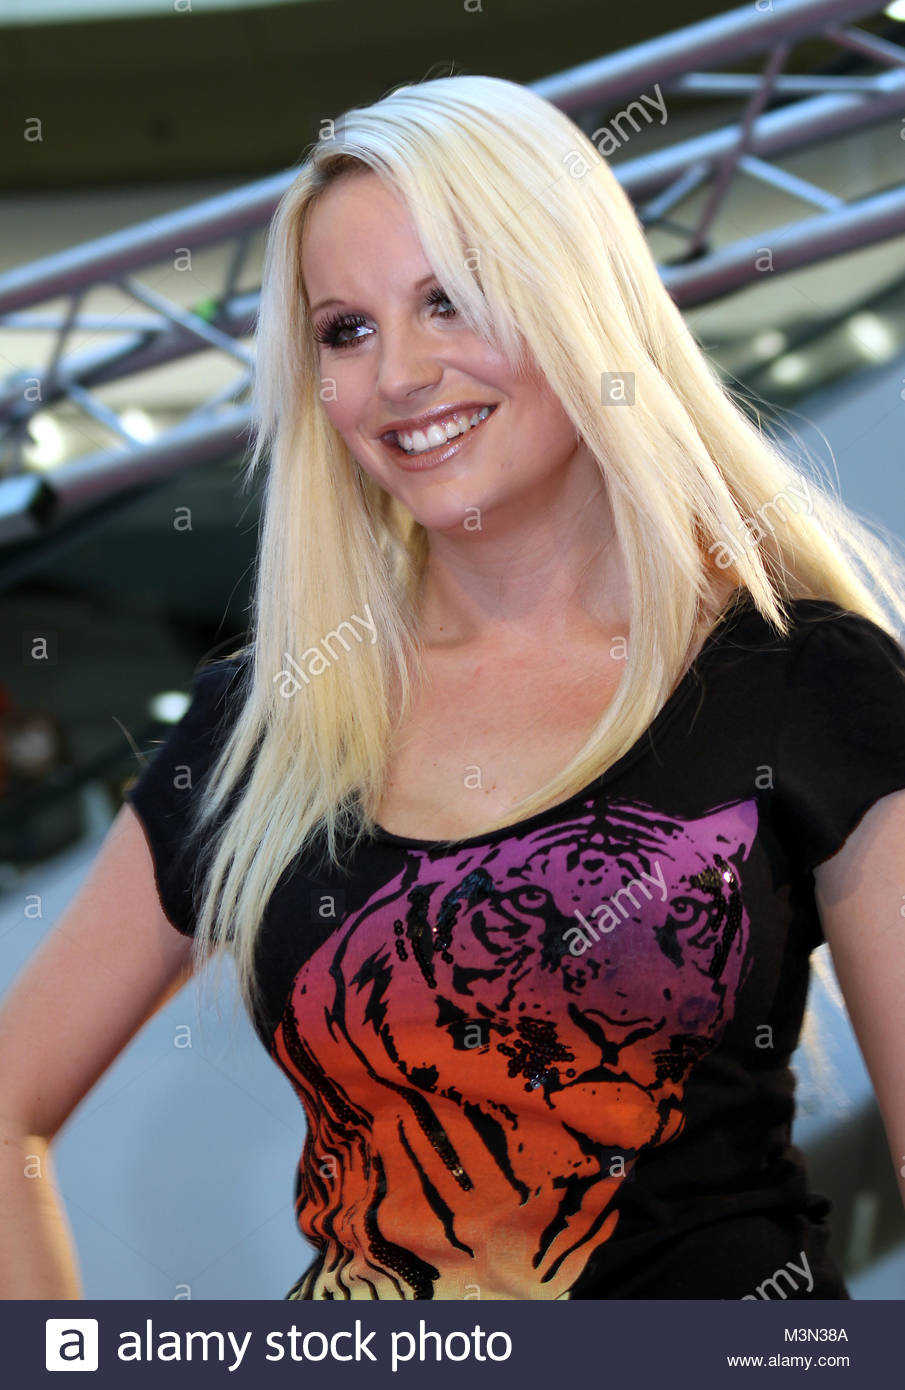 Gina Lisa Lohfink Modell Und Teilnehmerin Bei Germanys Next